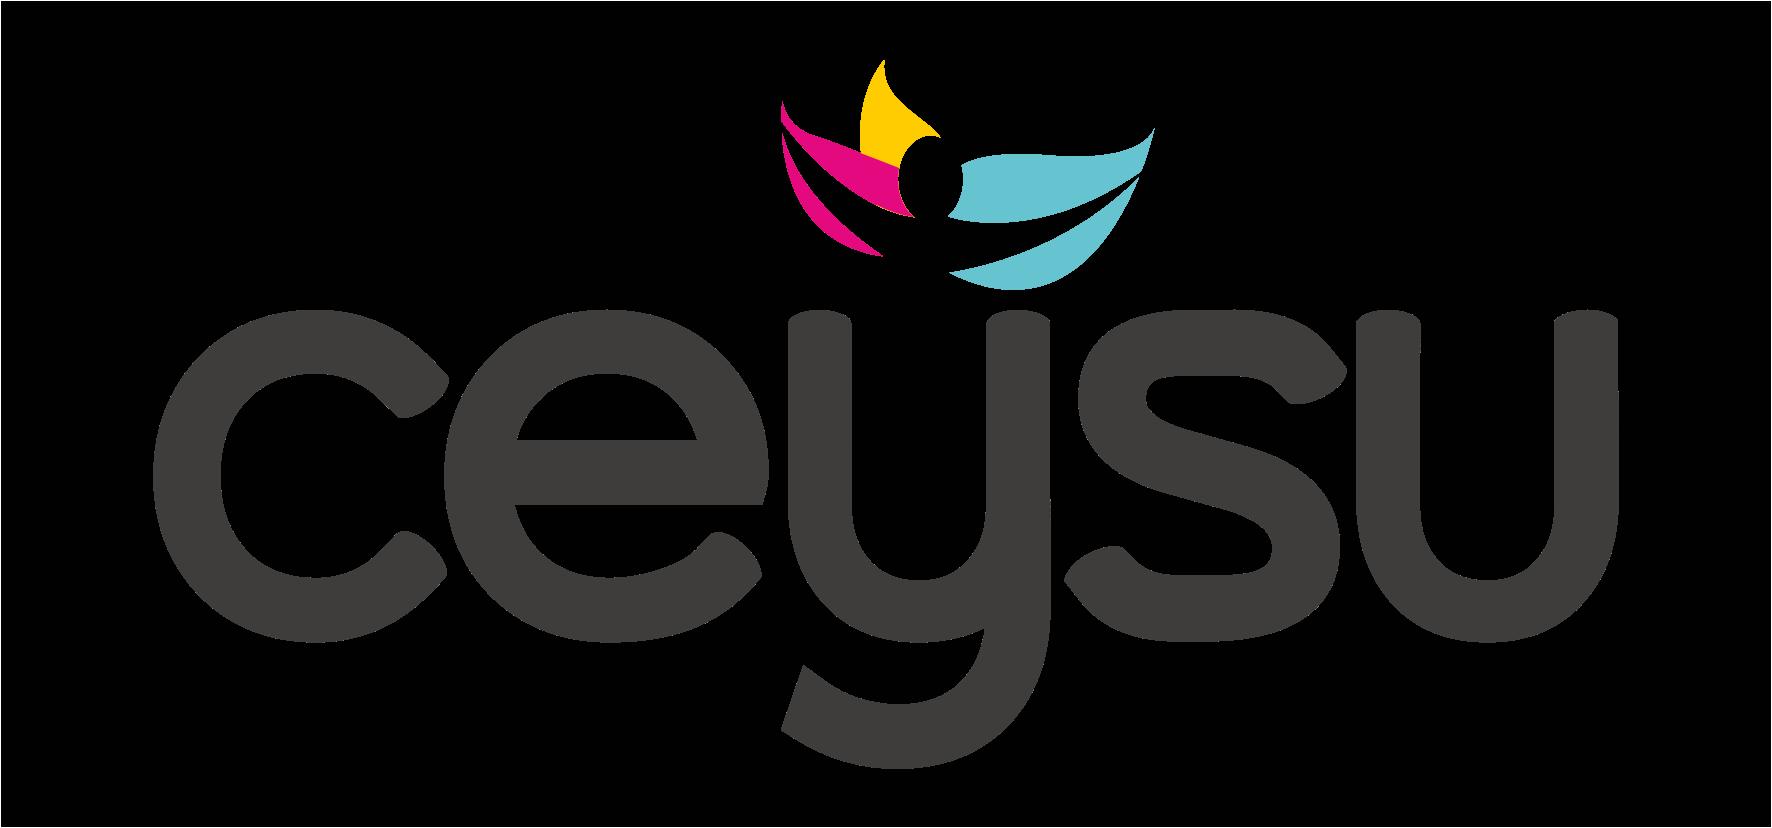 Ceysu Org.